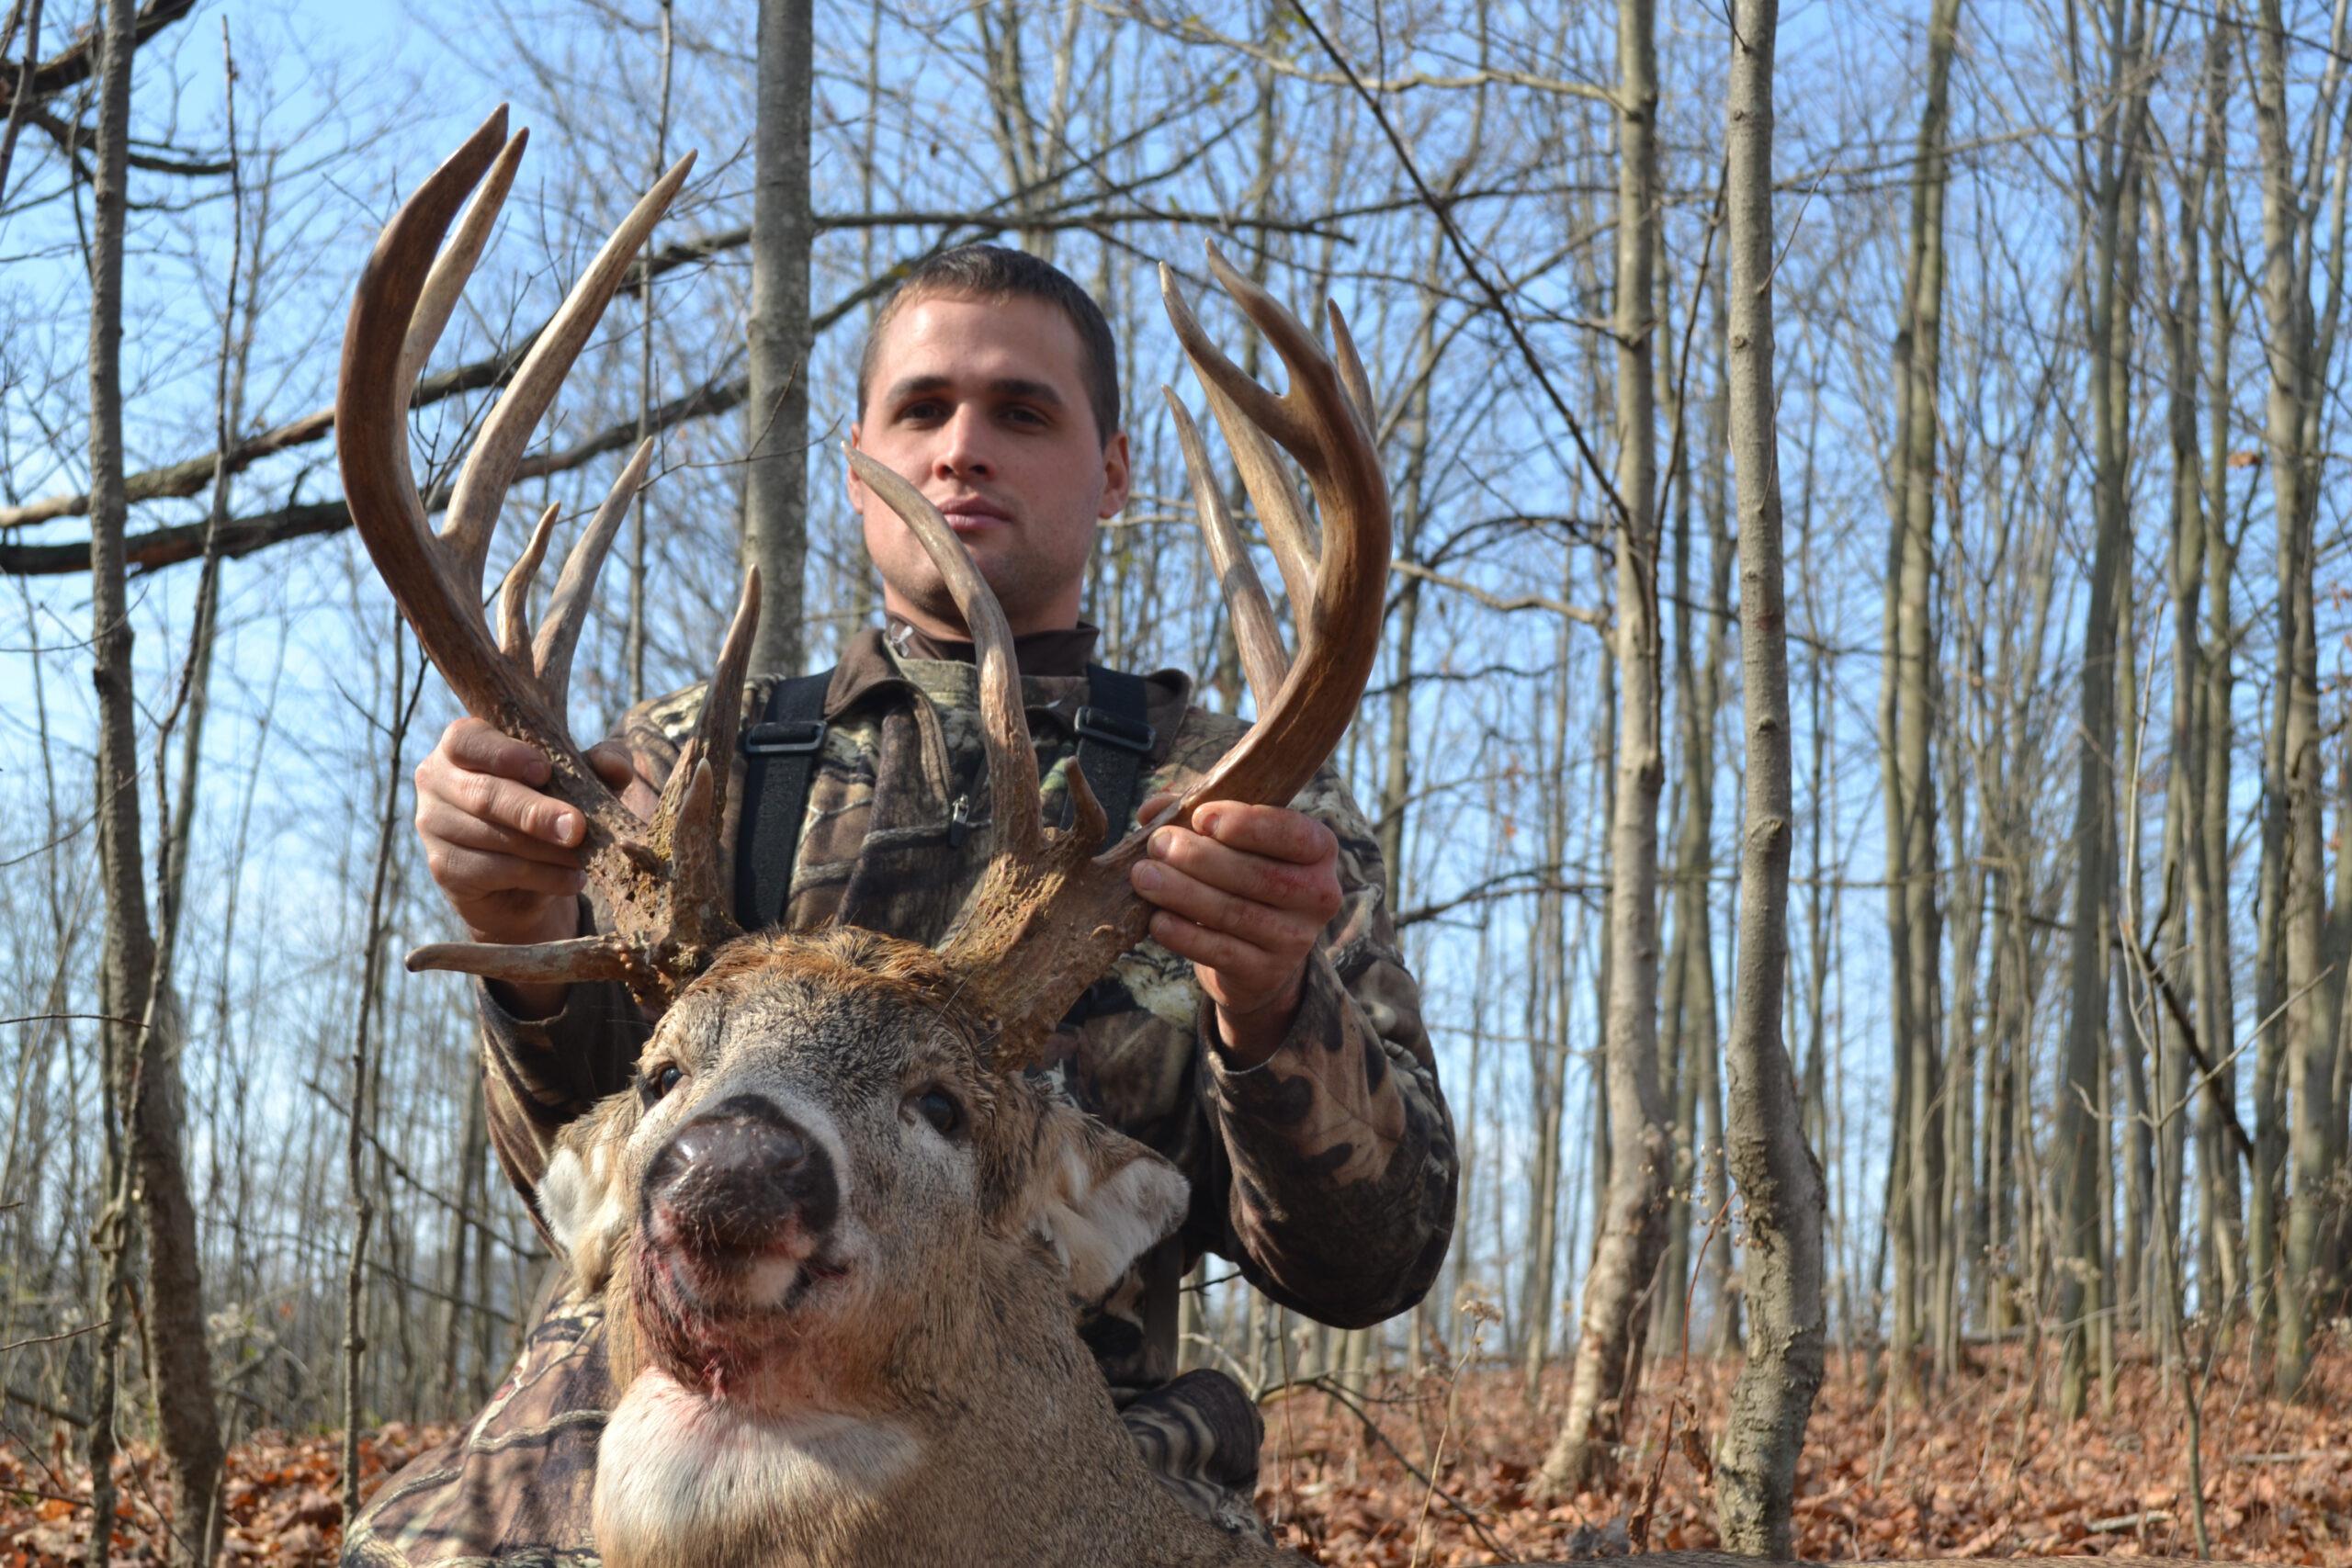 Ohio Deer Rut Predition 2021   Calendar Printables Free Blank-Deer & Deer Hunting 2021 Rut Prediction